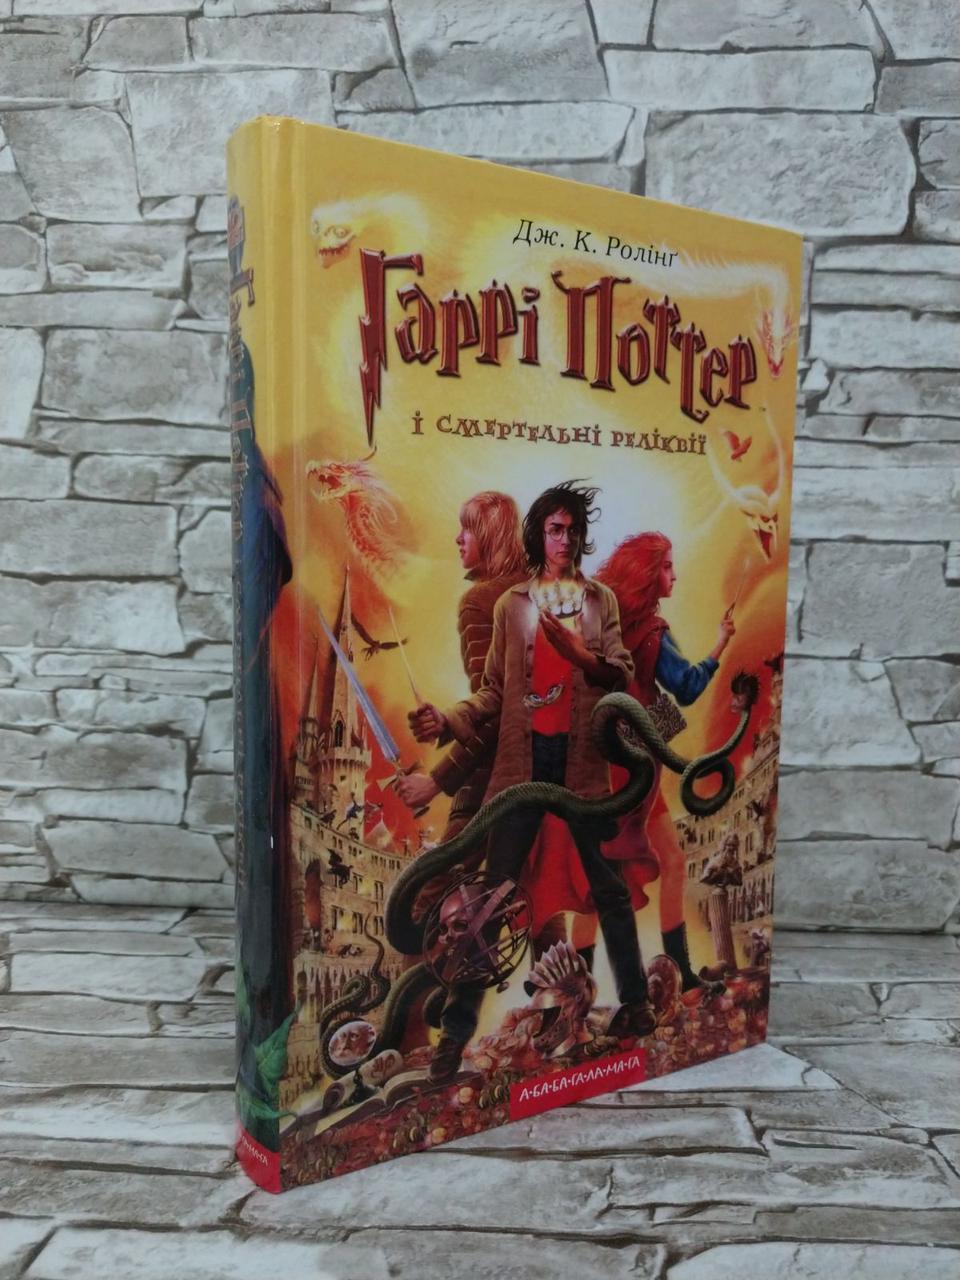 """Книга """"Гаррі Поттер і Смертельні Реліквії"""" Дж.К. Роулинг"""